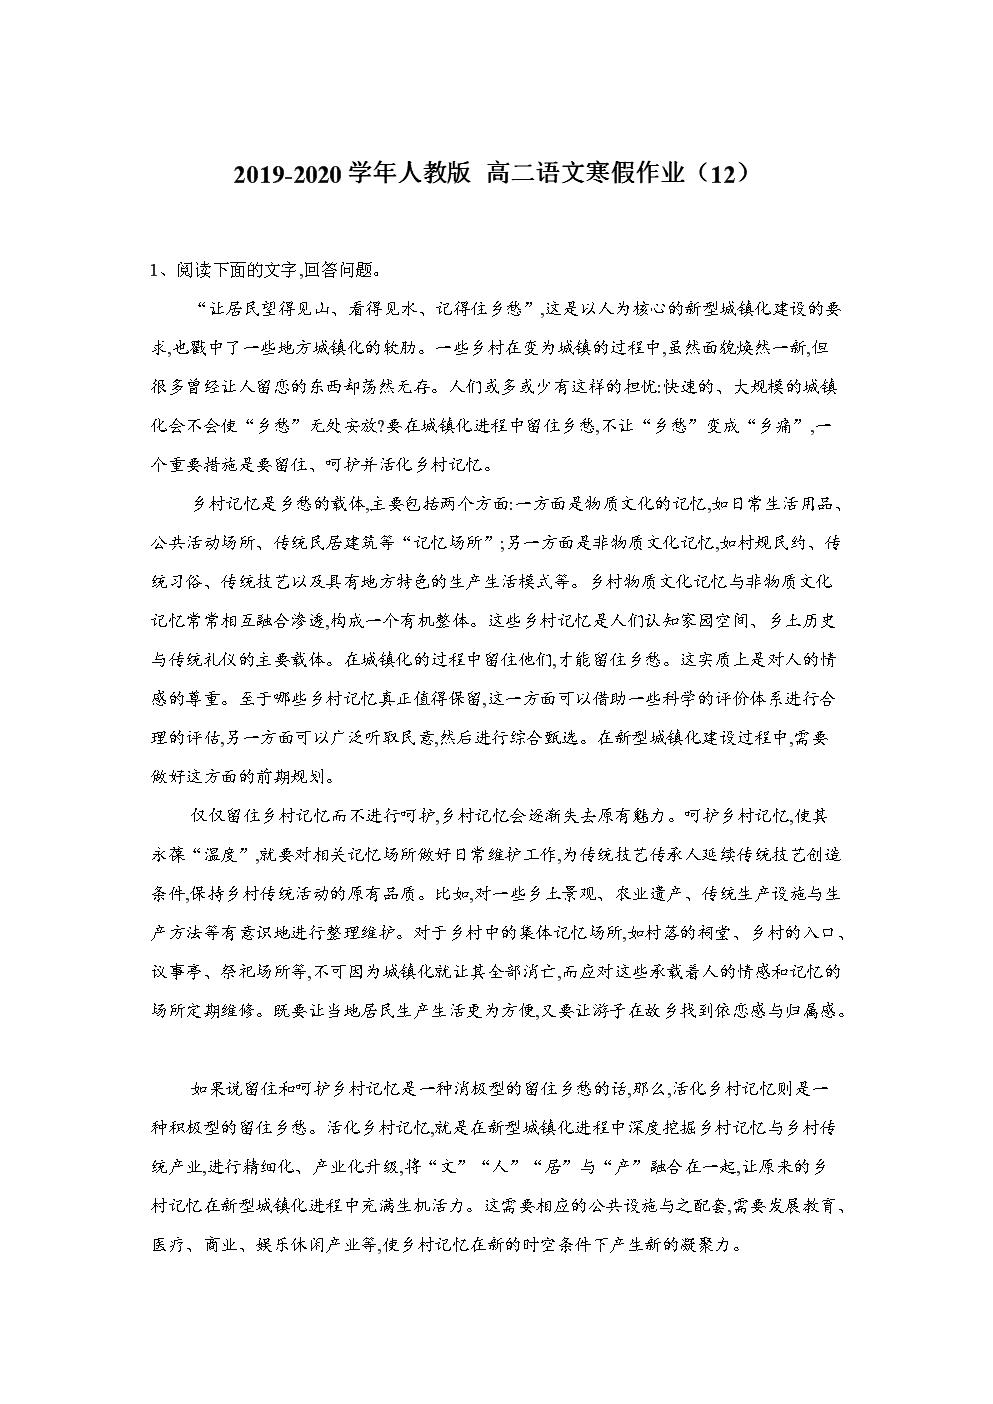 2019-2020学年人教版 高二语文寒假作业(12) Word版含答案.doc